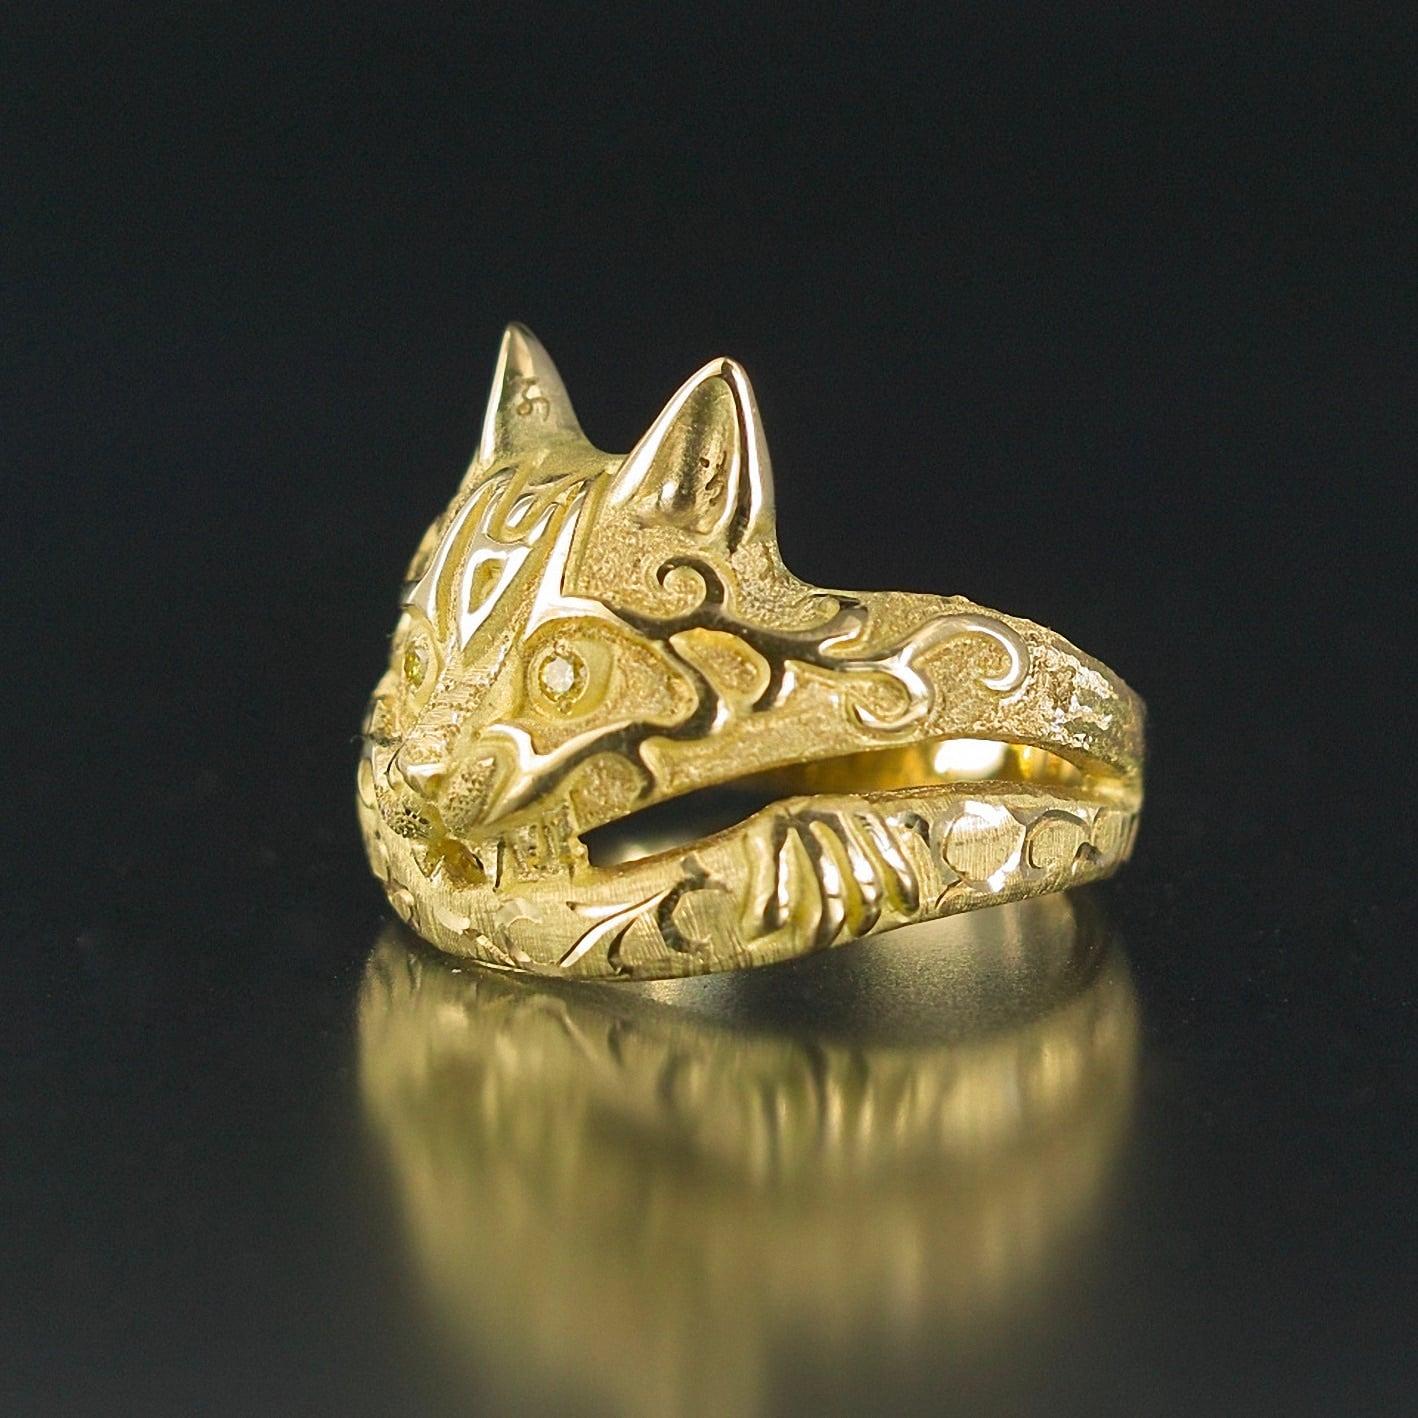 受注制作|妖怪ジュエリー 妖怪指輪 『 猫又 』 18金*非加熱イエローダイヤモンド